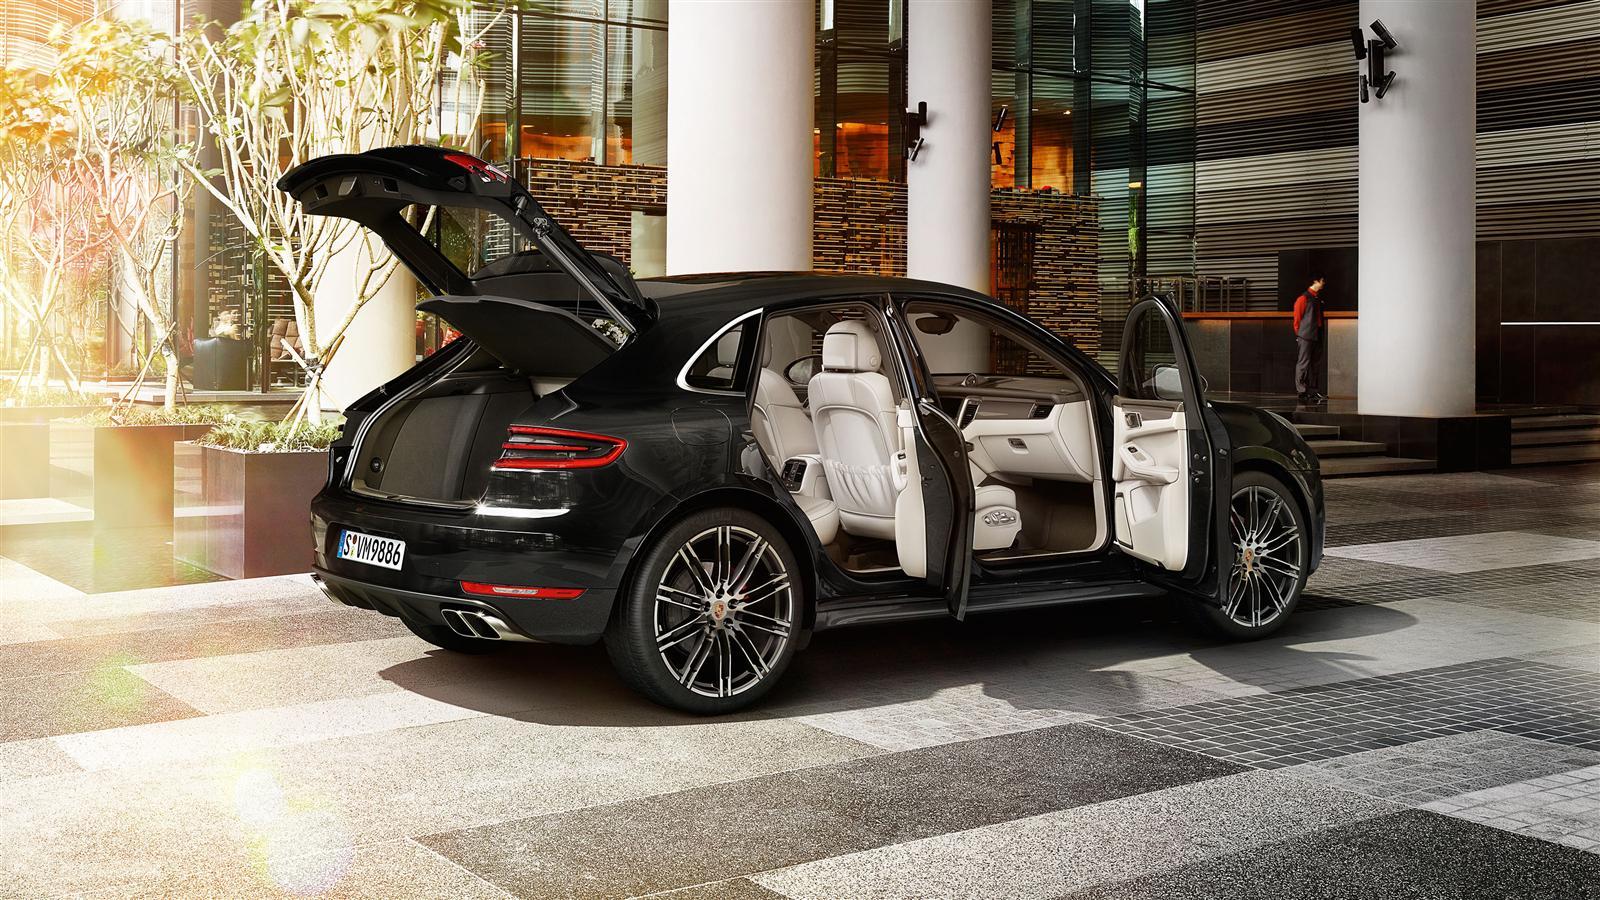 2017 Porsche Macan  Rocklin Porsche Dealer  Niello Porsche